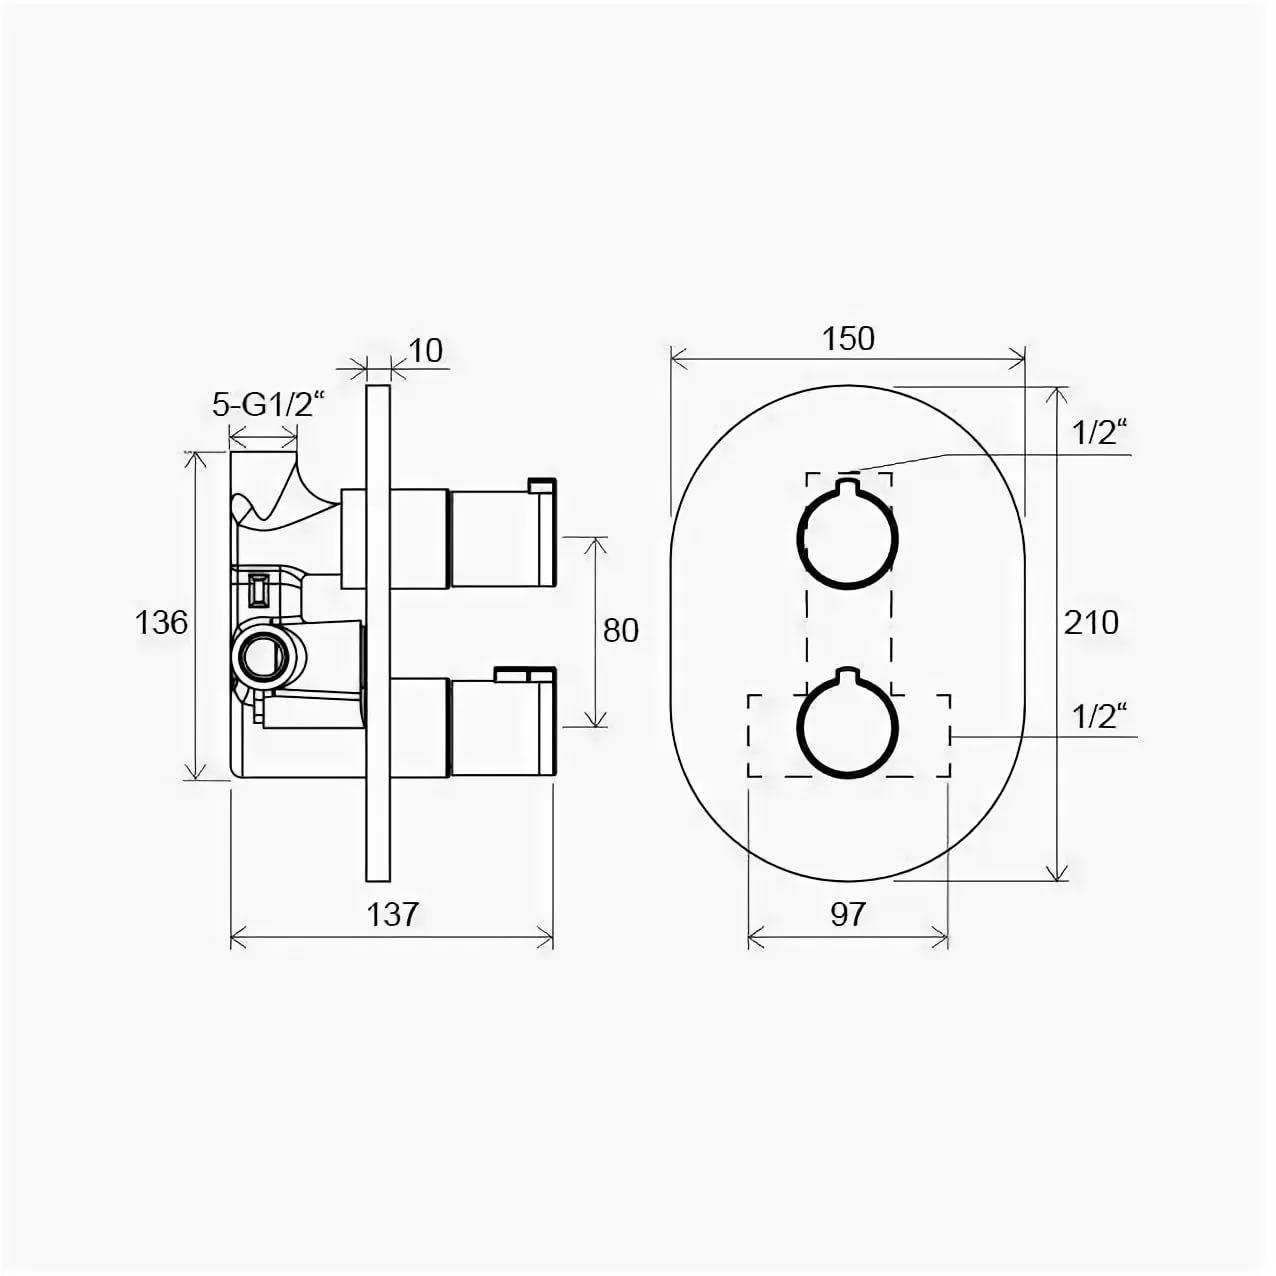 Смеситель термостатический скрытого монтажа Chrome без переключателем CR 064.00, X070095